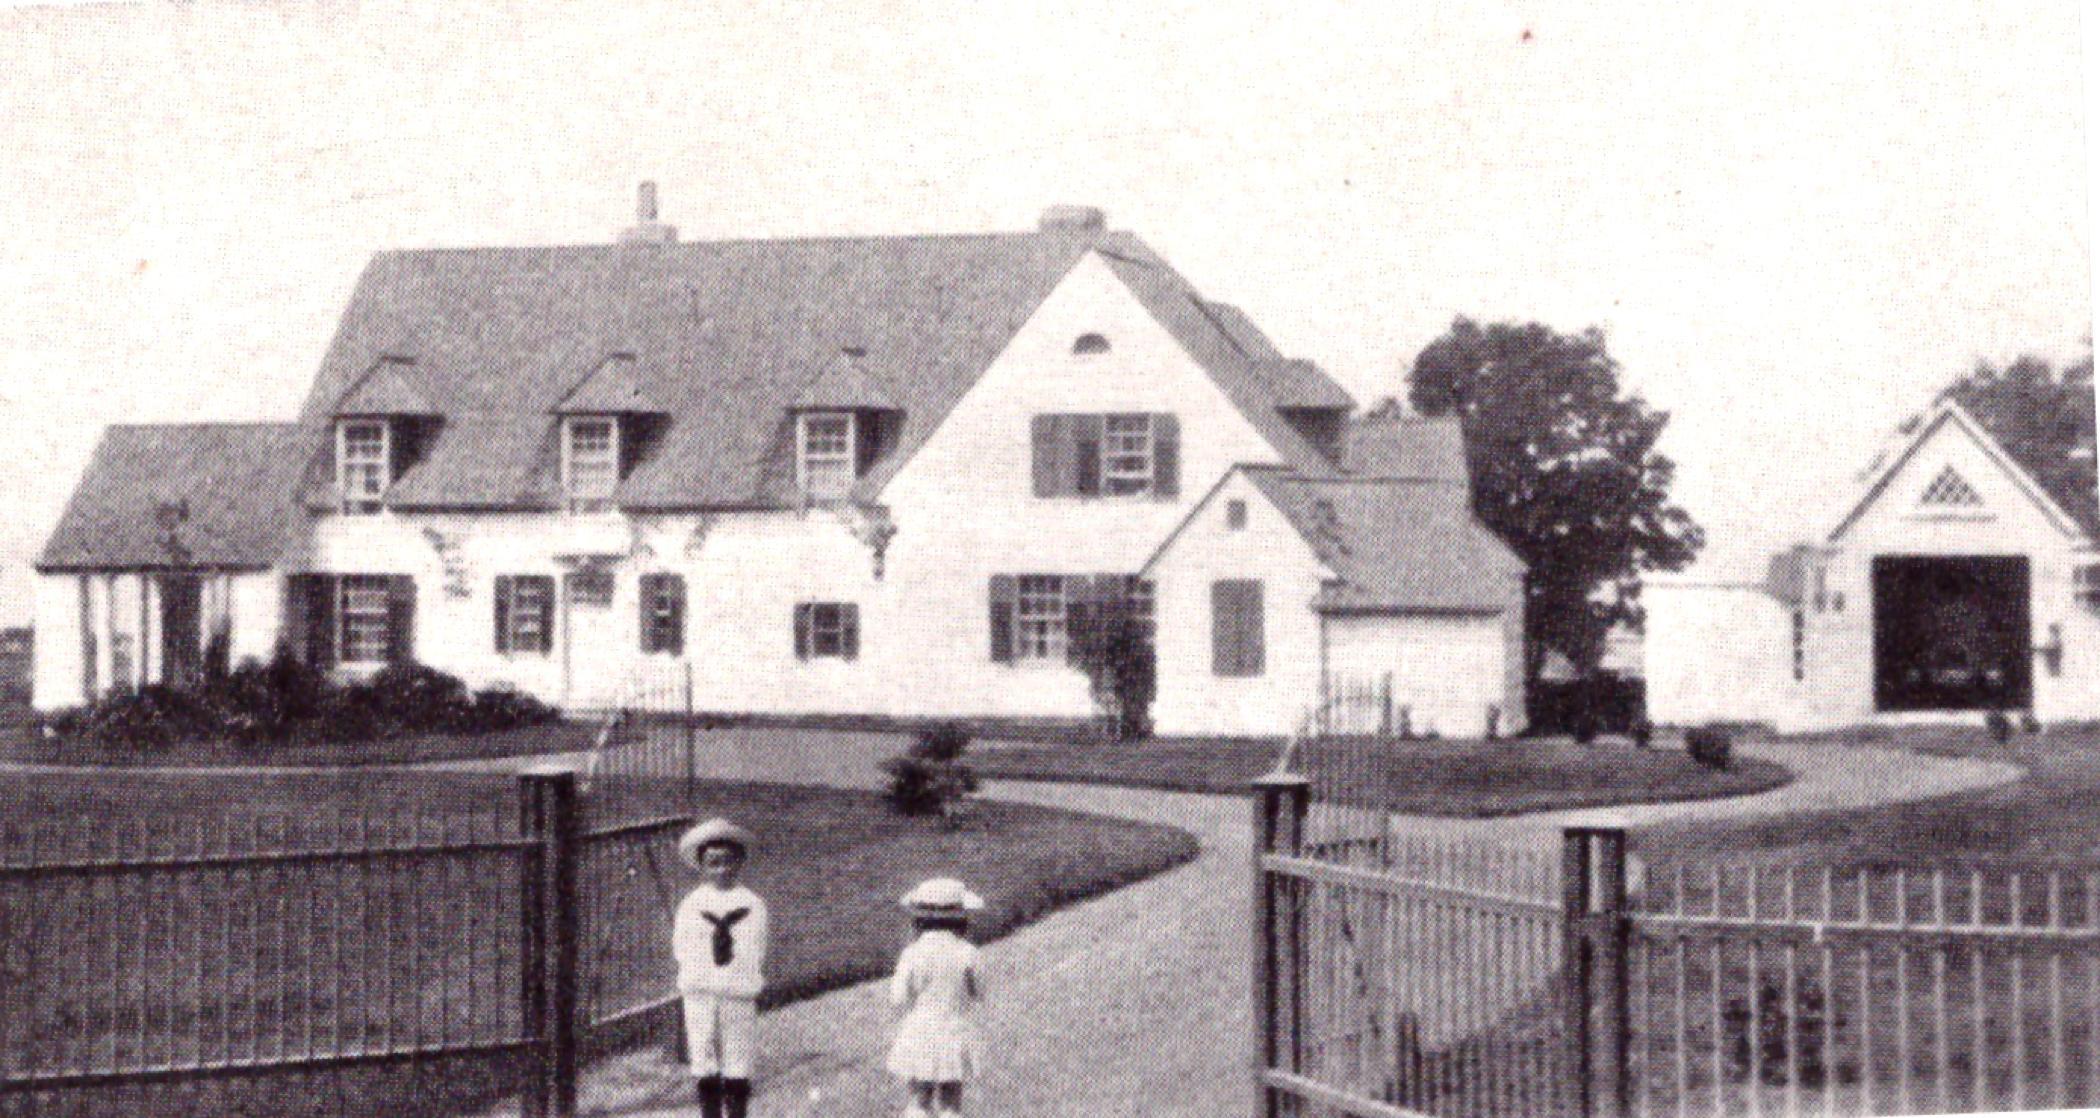 Photographie aux tons sépia d'une vaste maison (domaine de Kenneth Molson) entourée d'une clôture de fer avec portes; en avant-plan, on aperçoit deux jeunes enfants en costumes de matelots.